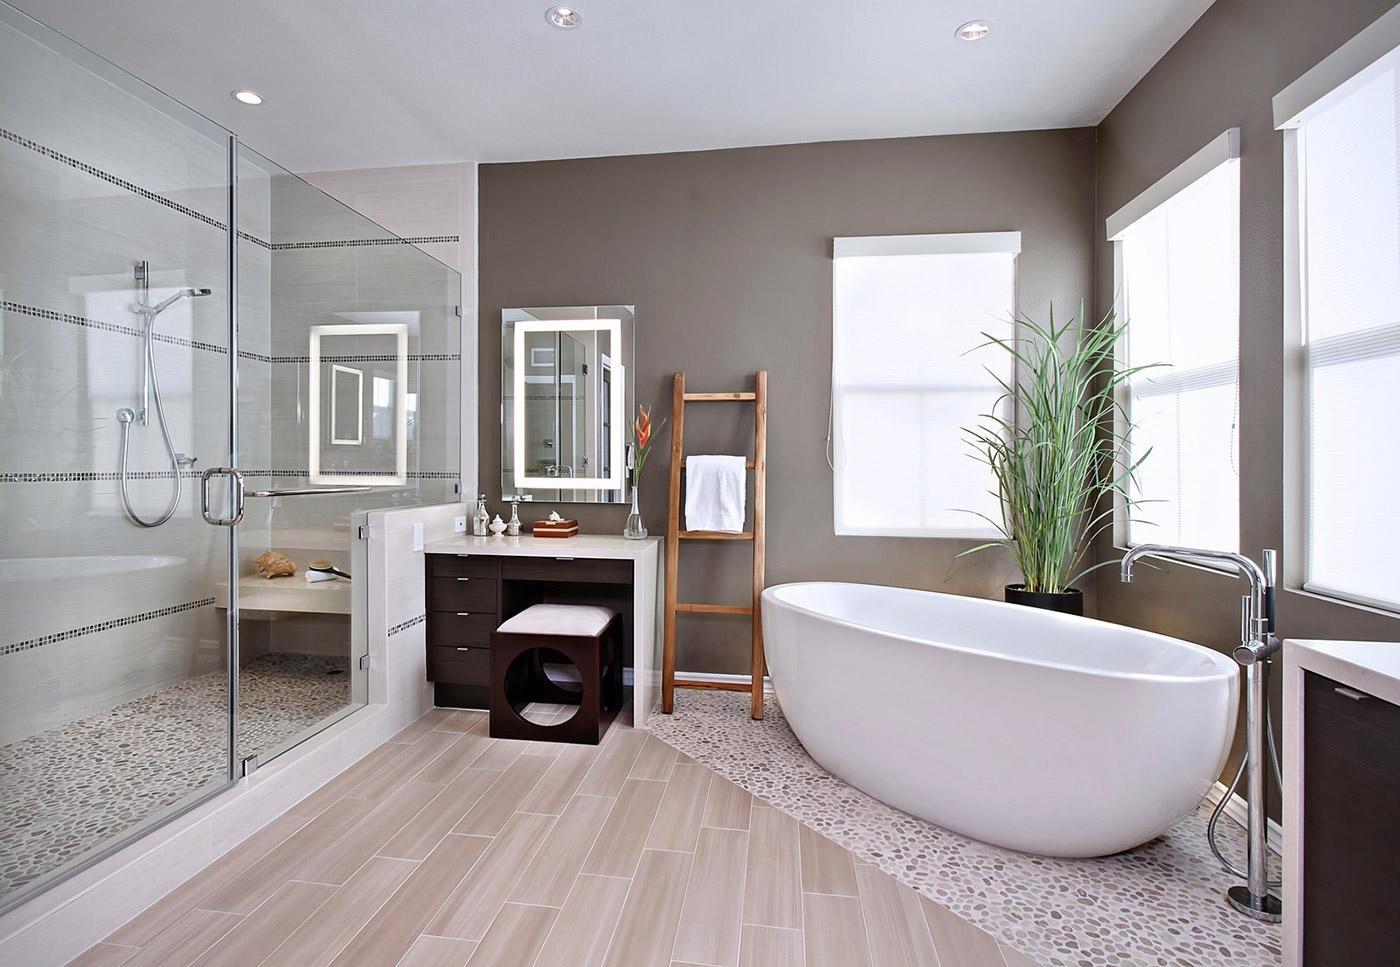 Gương là thiết bị nội thất tiện dụng trong phòng tắm hiện đại